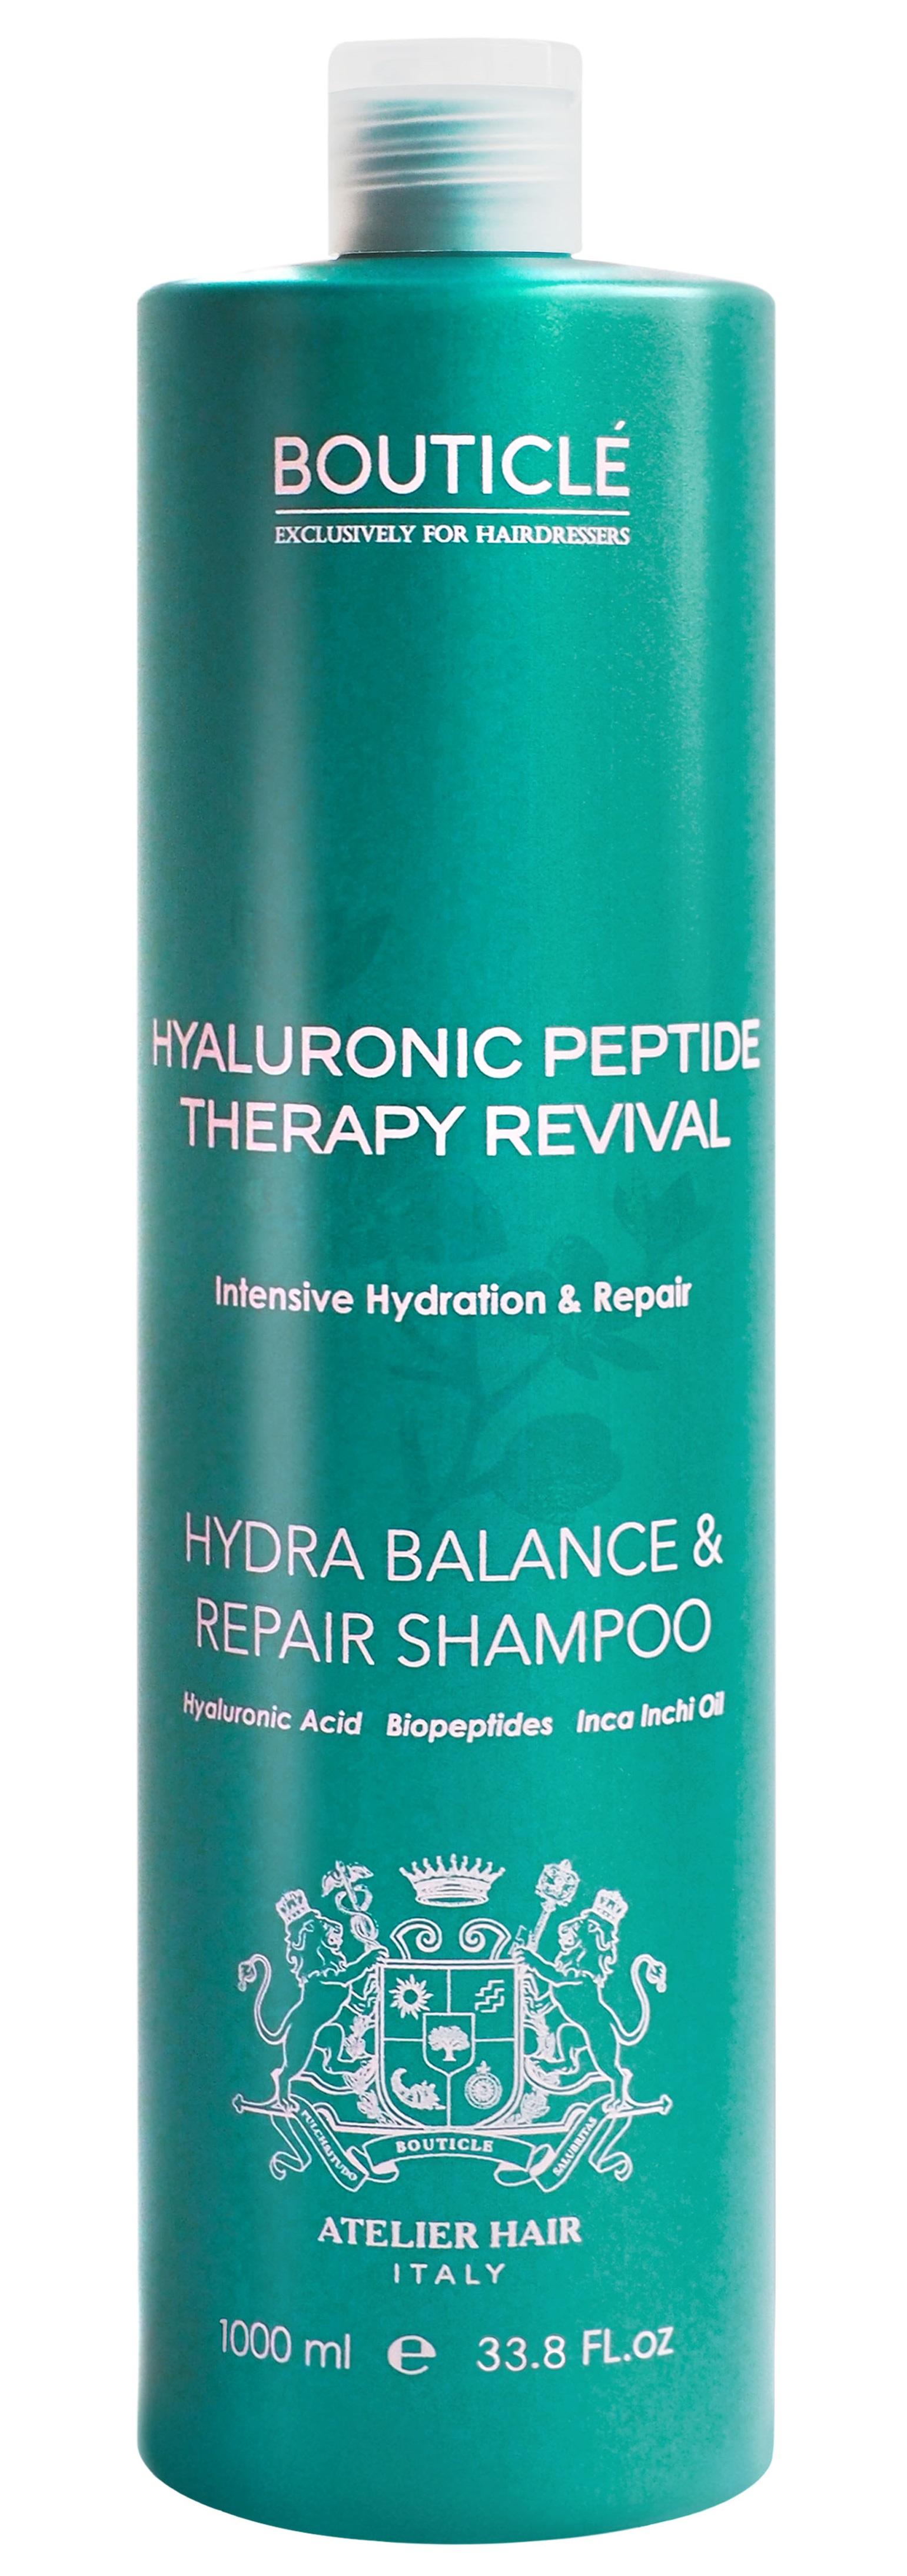 Купить BOUTICLE Шампунь увлажняющий для очень сухих и поврежденных волос / Hydra Balance & Repair Shampoo 1000 мл